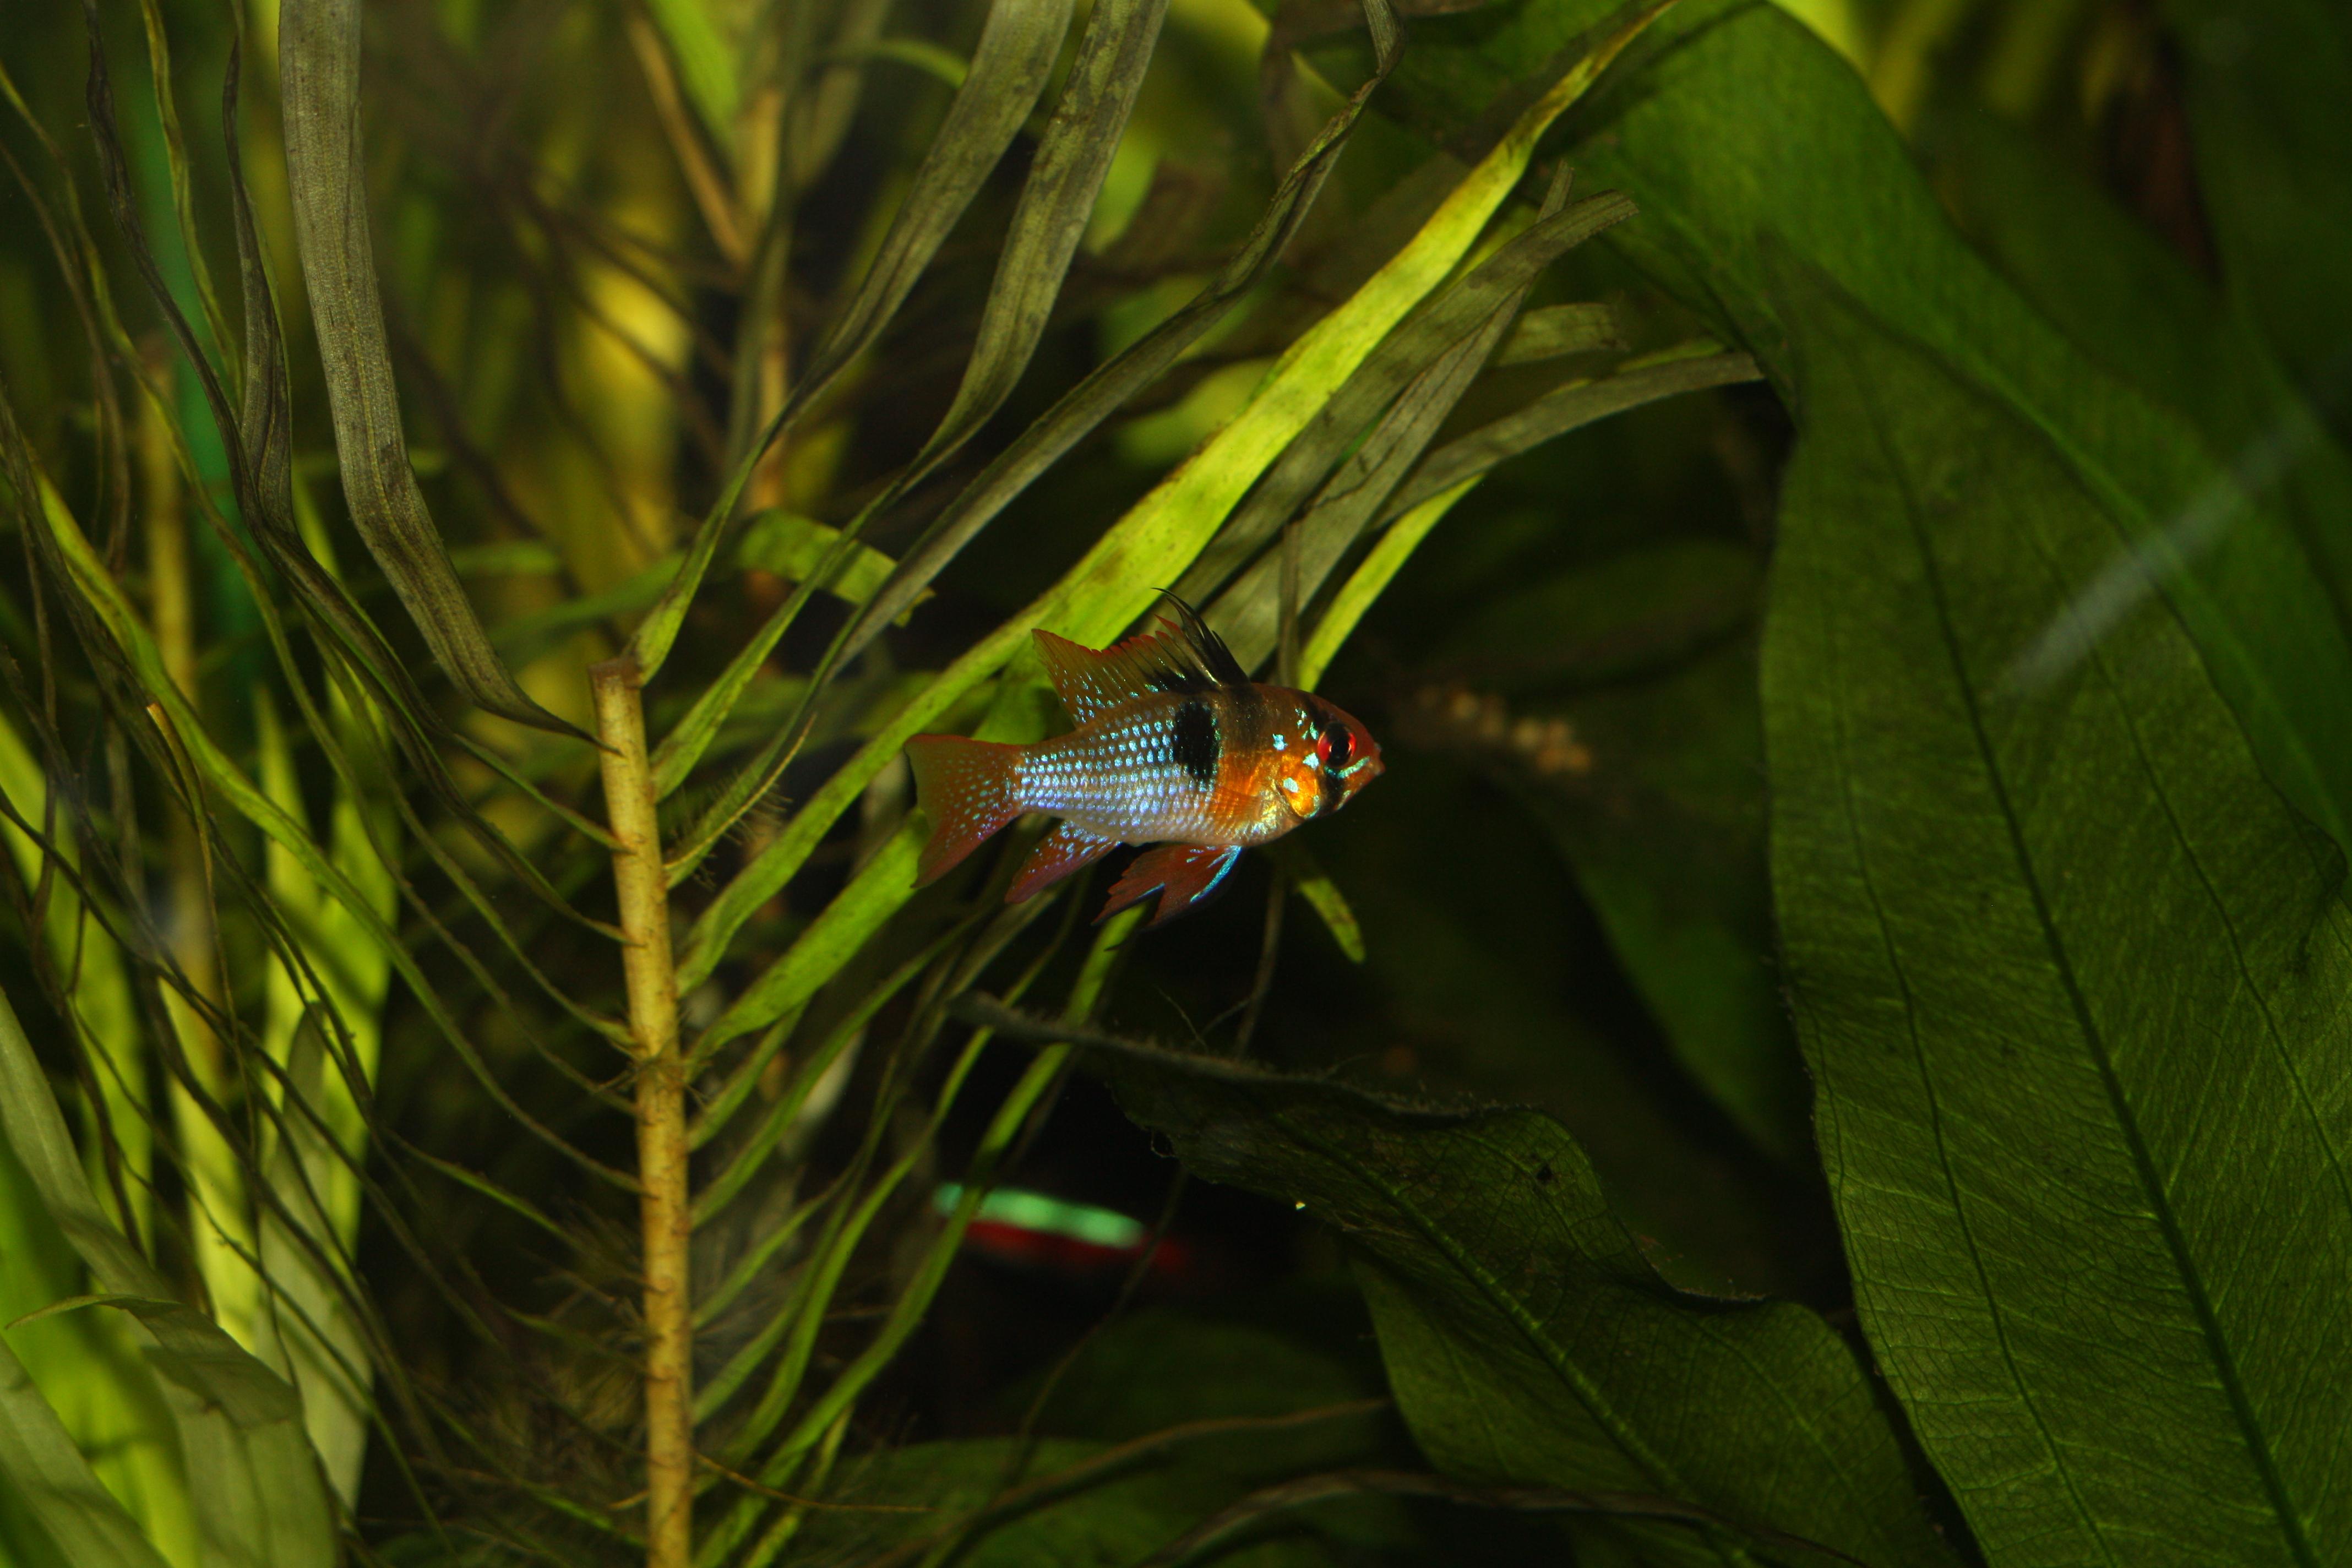 Voici un Ramirézi qui se trouve dans l'aquarium 800 litres Amazonien.